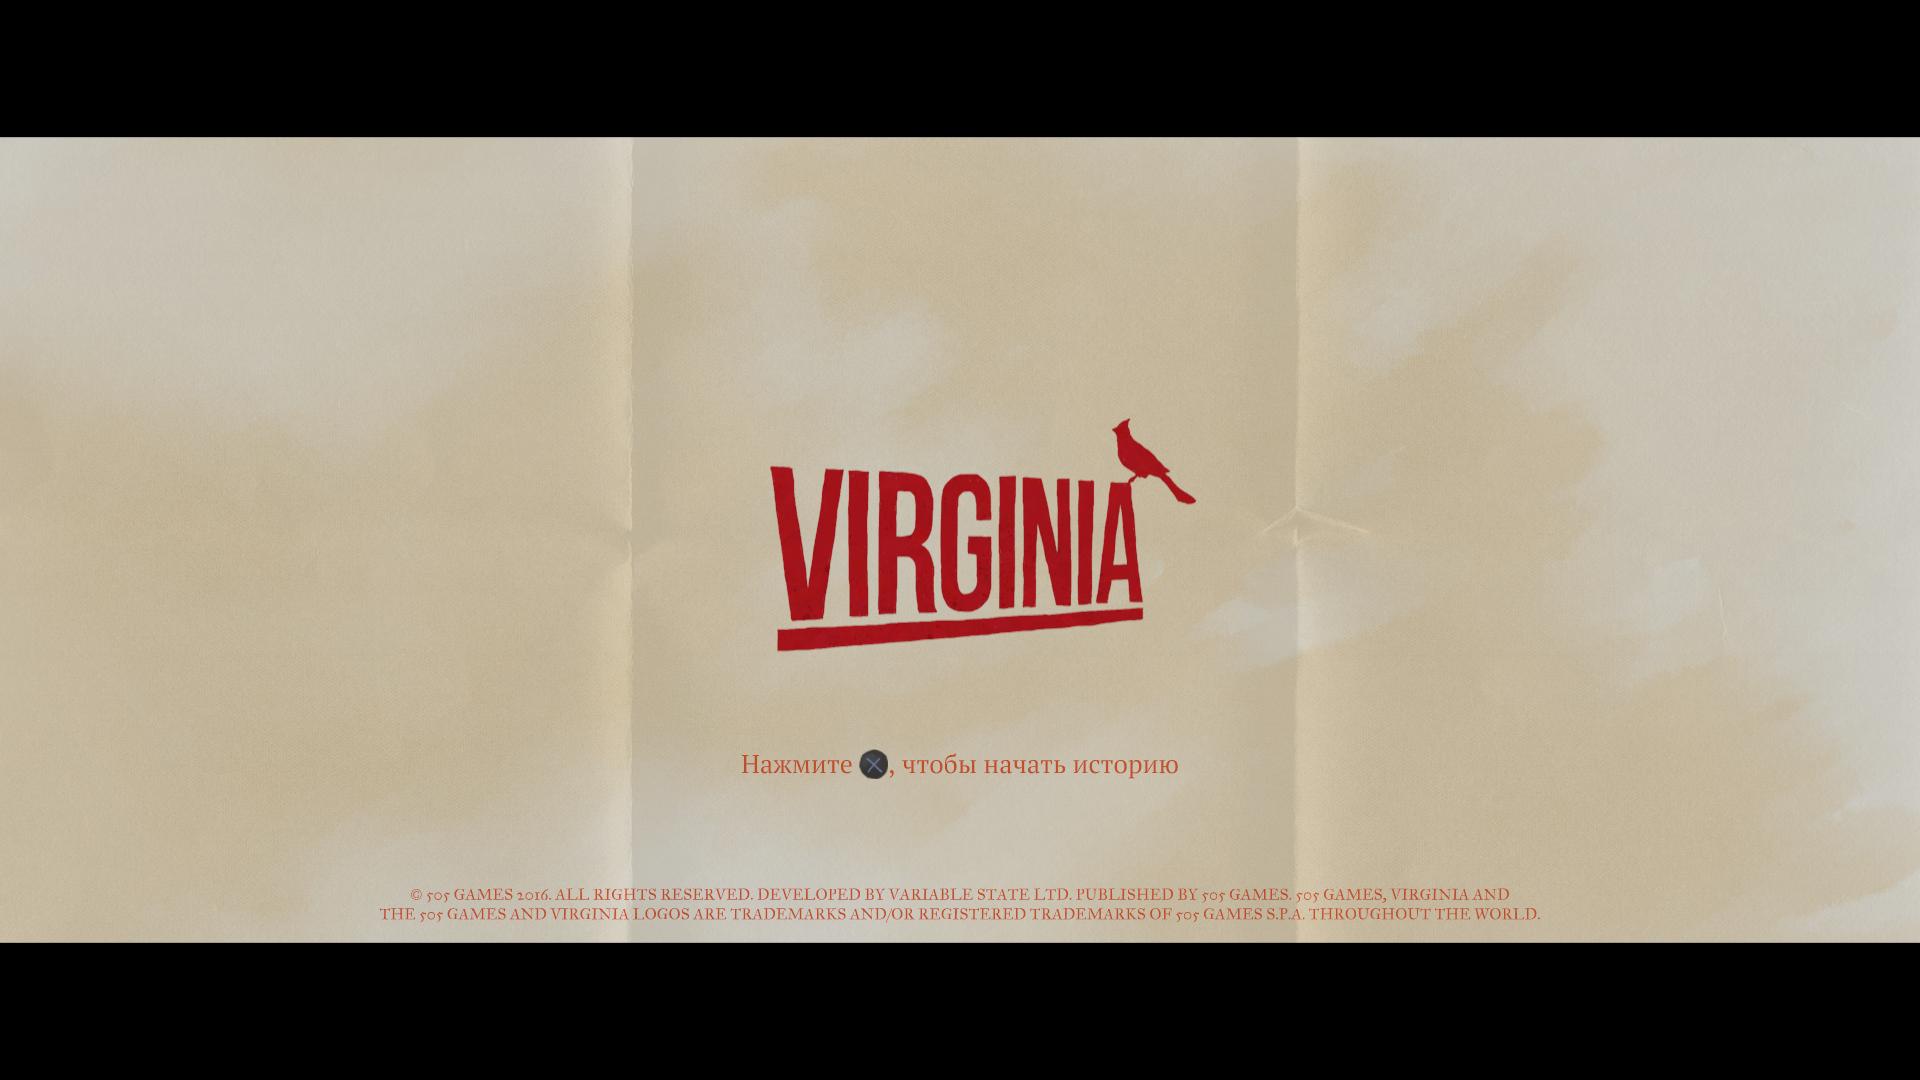 Virginia - Когда все текстурки просраны. - Изображение 1